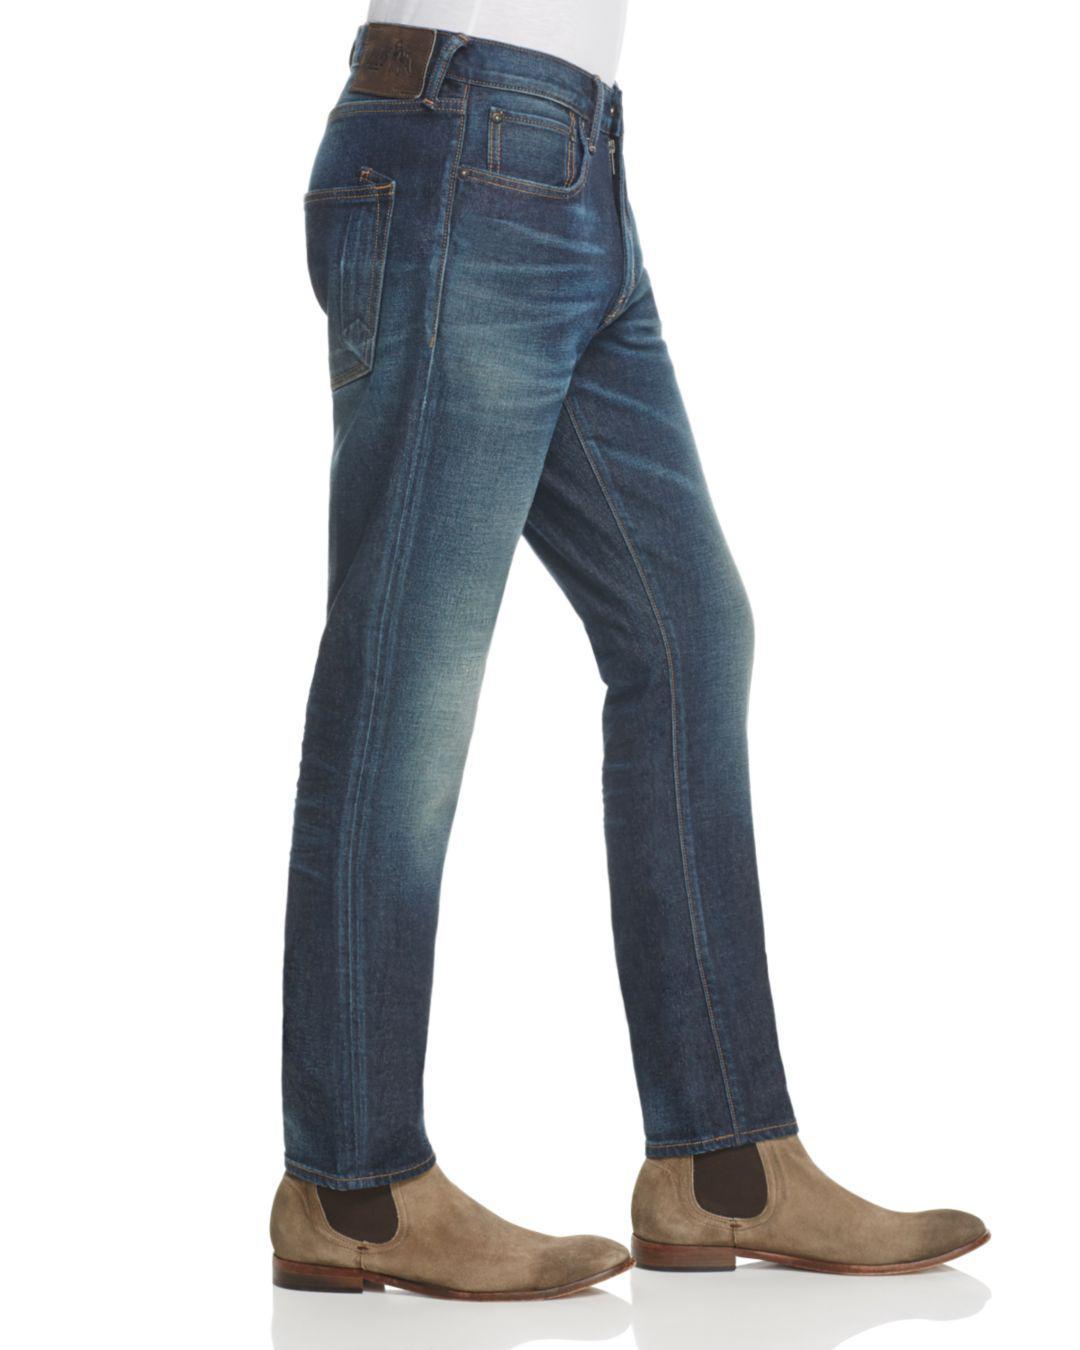 PRPS Denim Back-to-school Slim Fit Jeans In Indigo Wash in Blue for Men